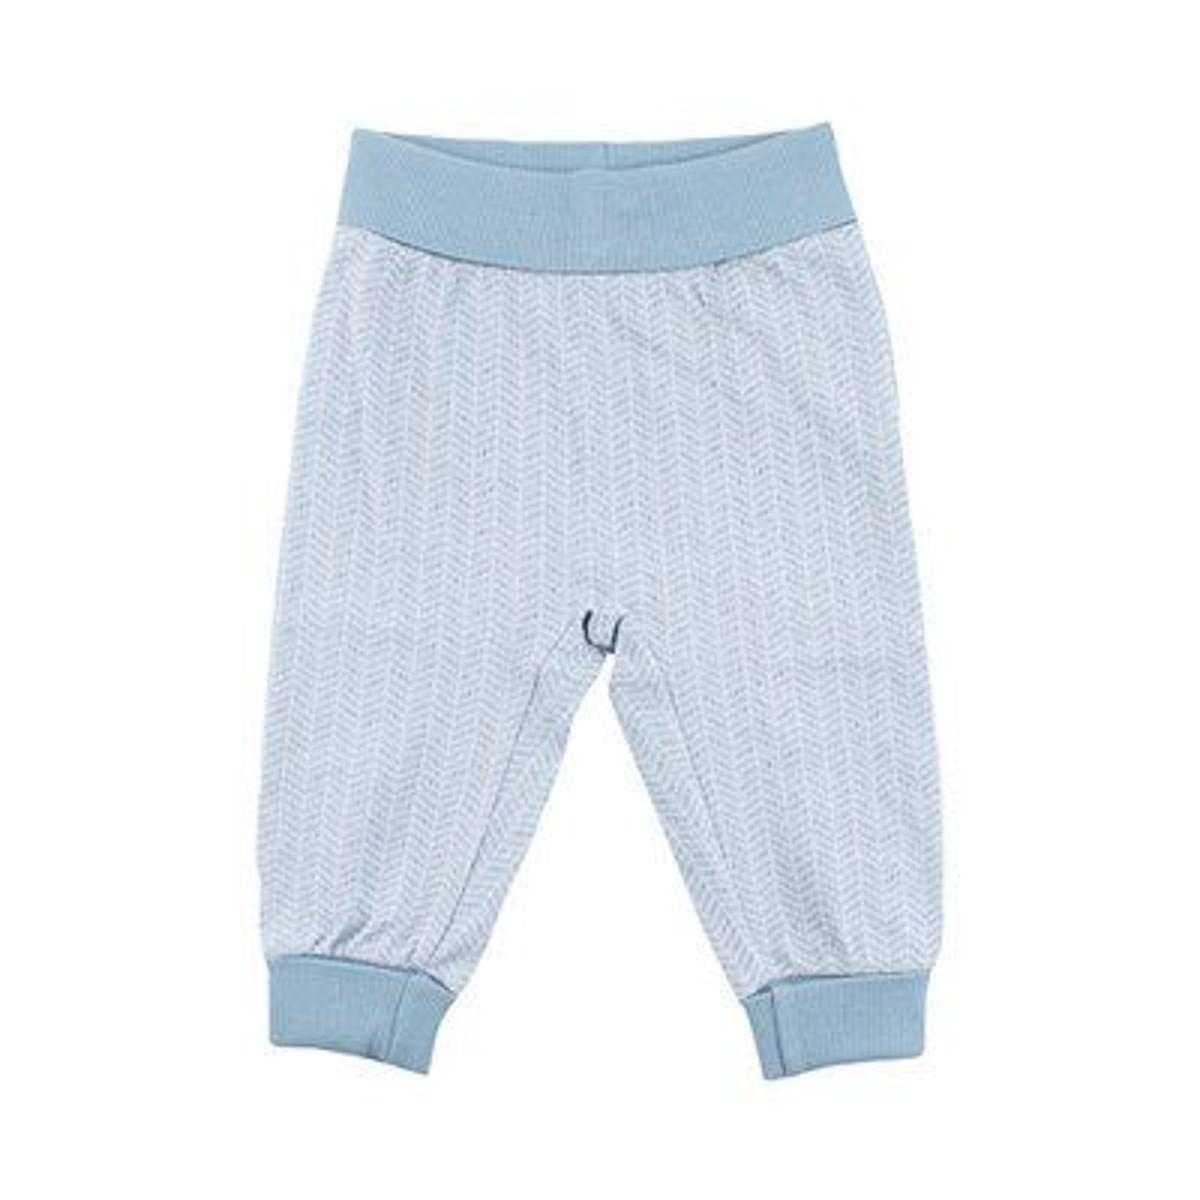 Fixoni Pantalon graphique pantalon bébé